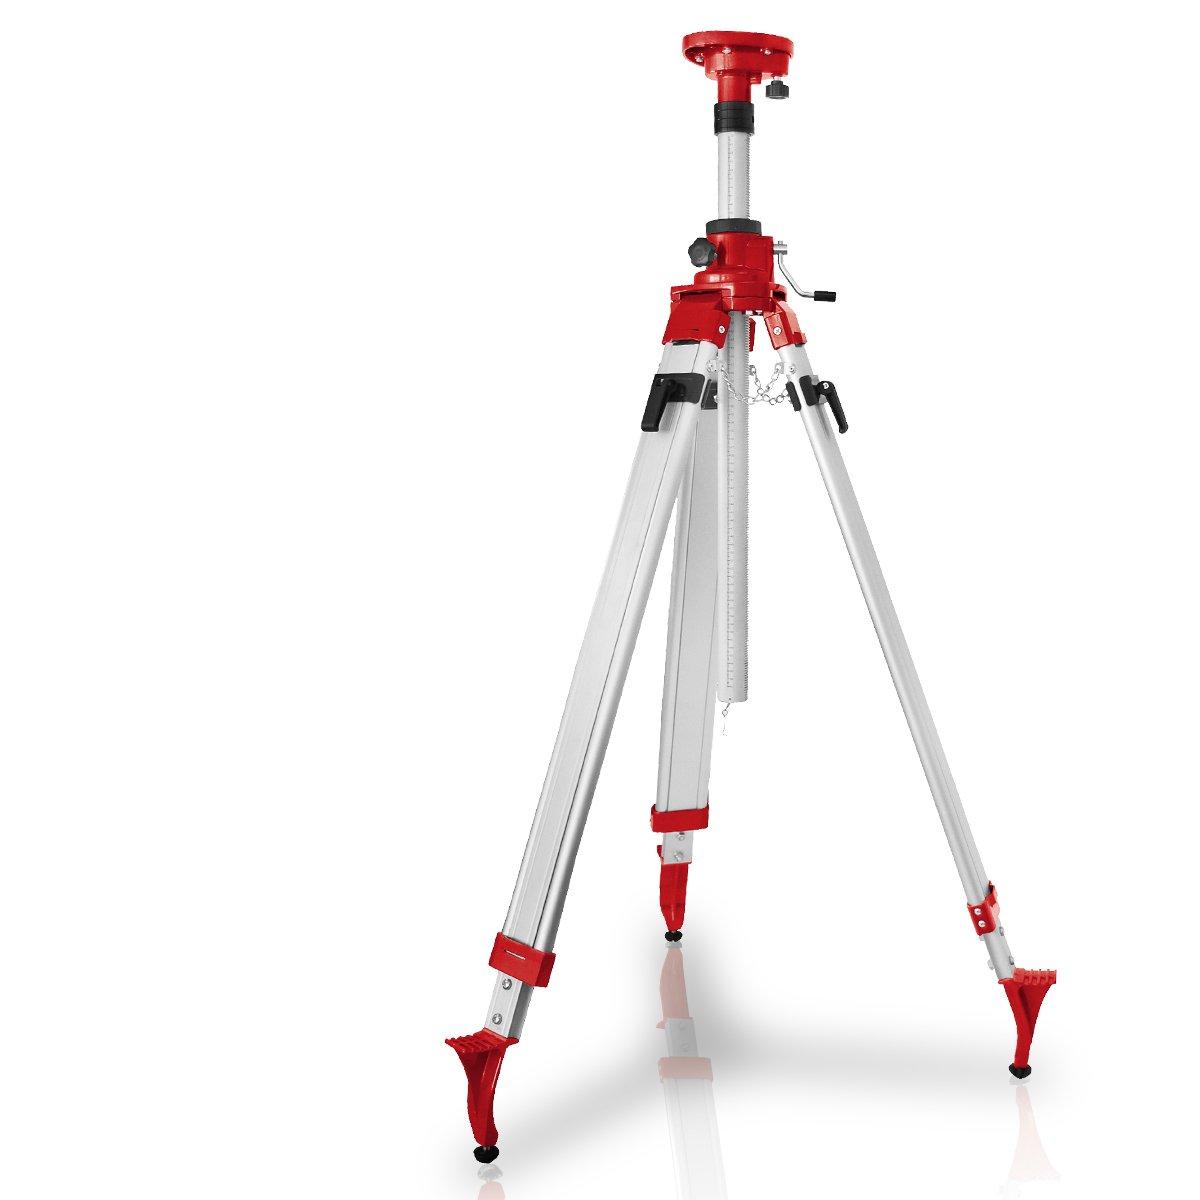 Berlan Kurbelstativ für Laser und Nivelliergeräte